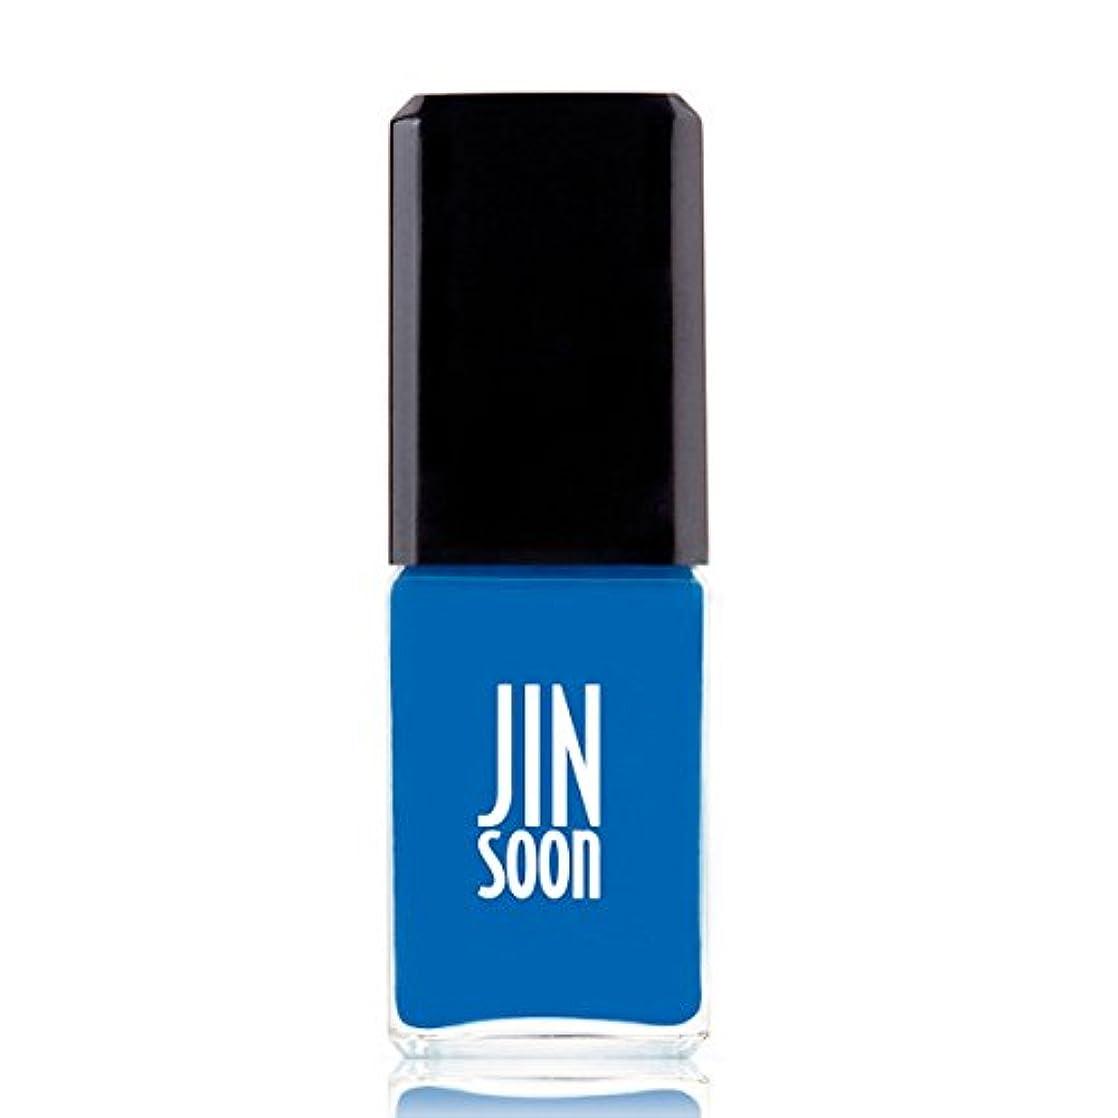 クラックレスリング本部[ジンスーン] [ jinsoon] クールブルー (セルリアンブルー)COOL BLUE ジンスーン 5フリー ネイルポリッシュ【ブルー】 11mL